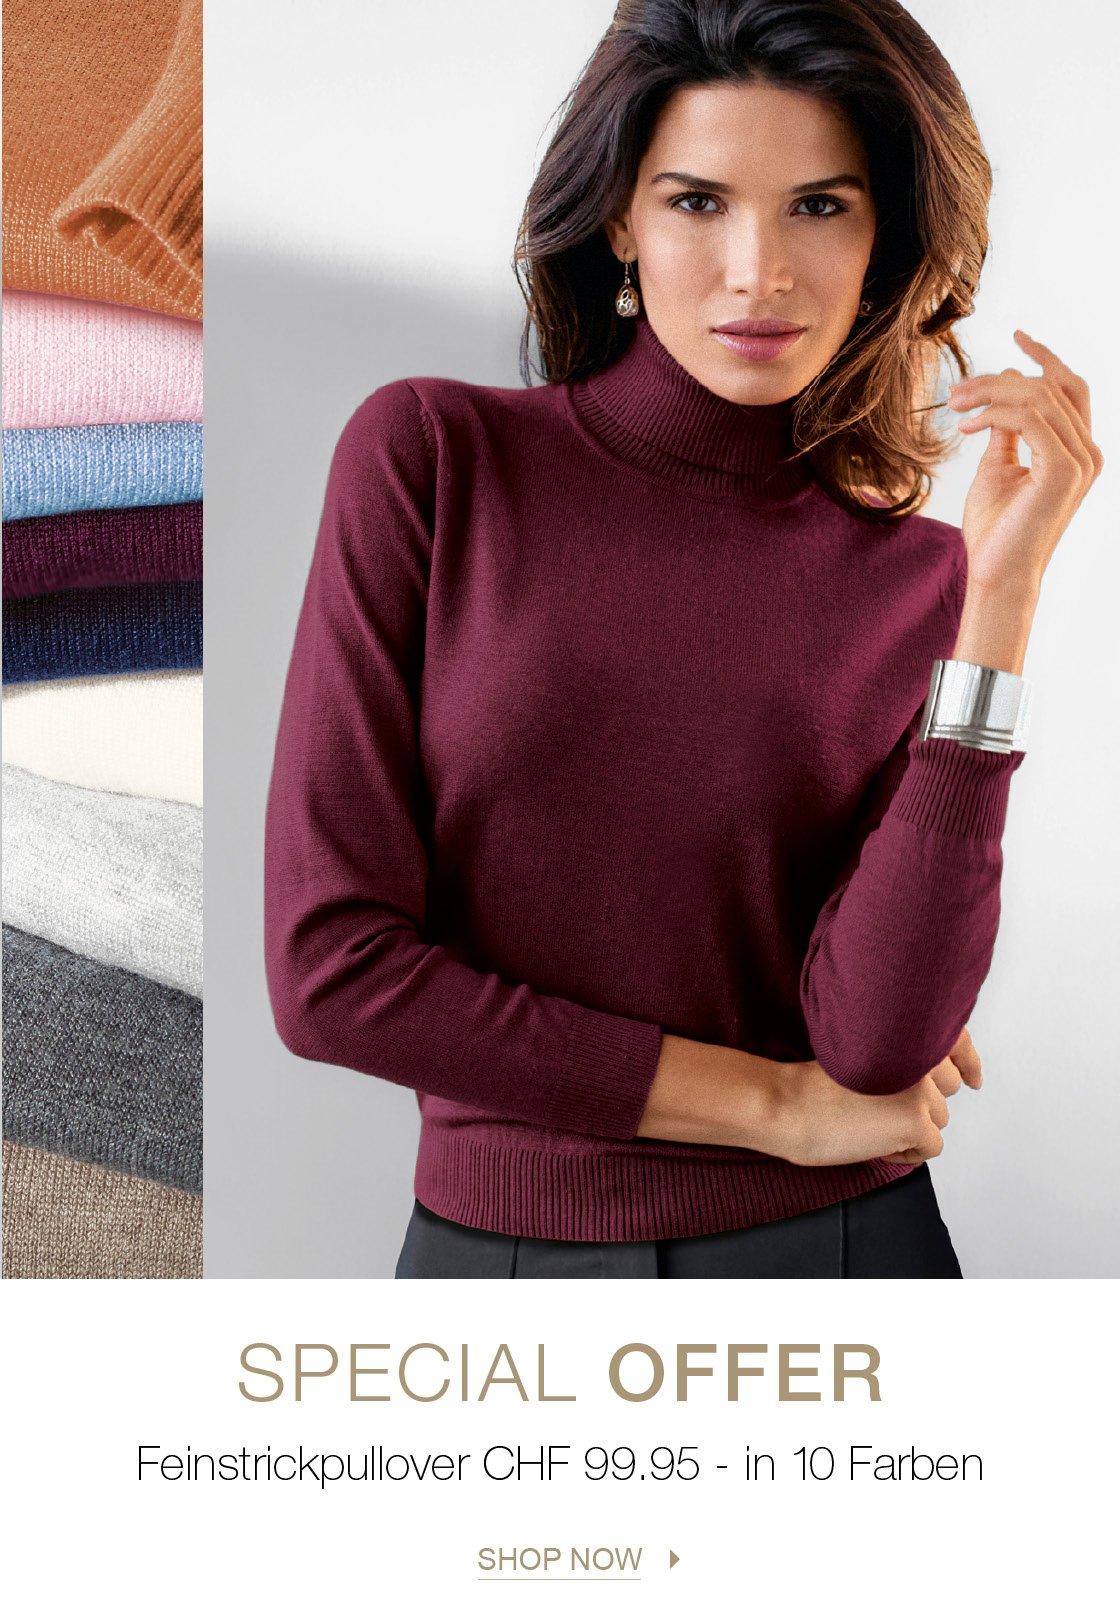 Pullover für CHF 99.95